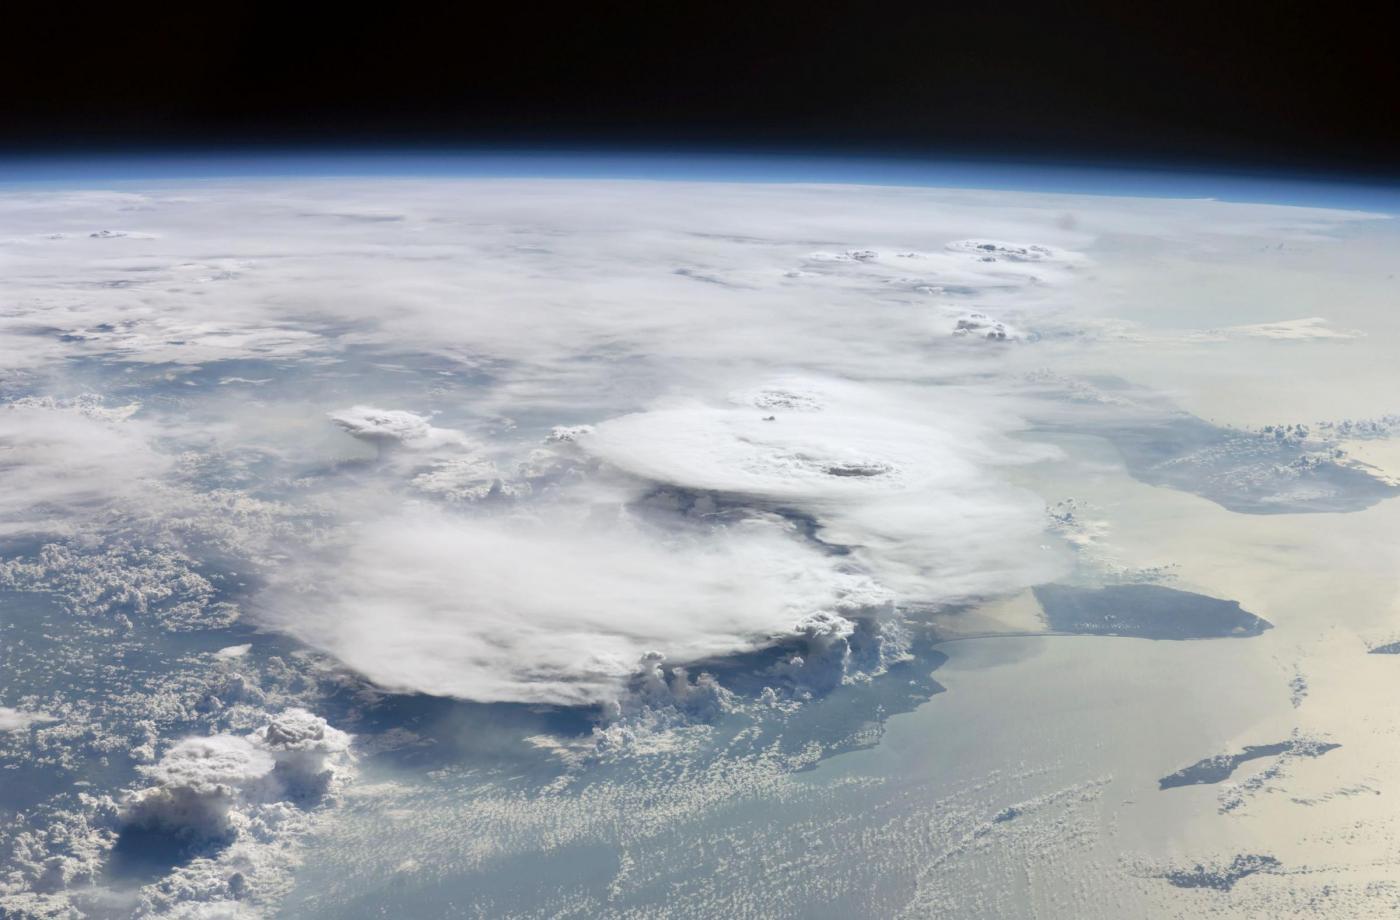 terra vista dallo spazio foto repertorio